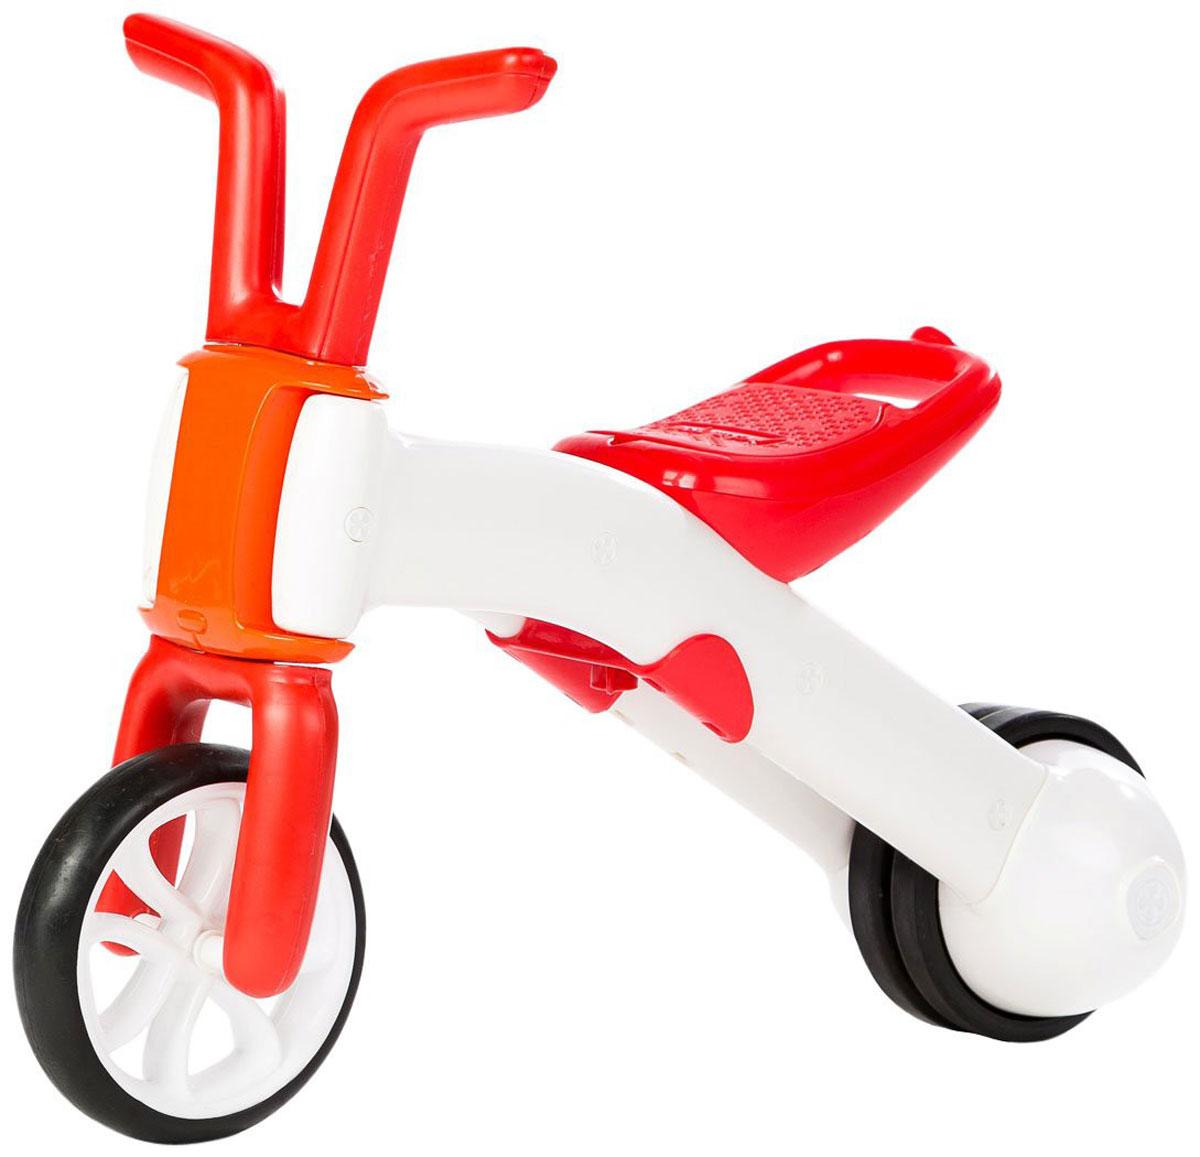 Фото - Chillafish Беговел детский Bunzi цвет красный детский транспорт